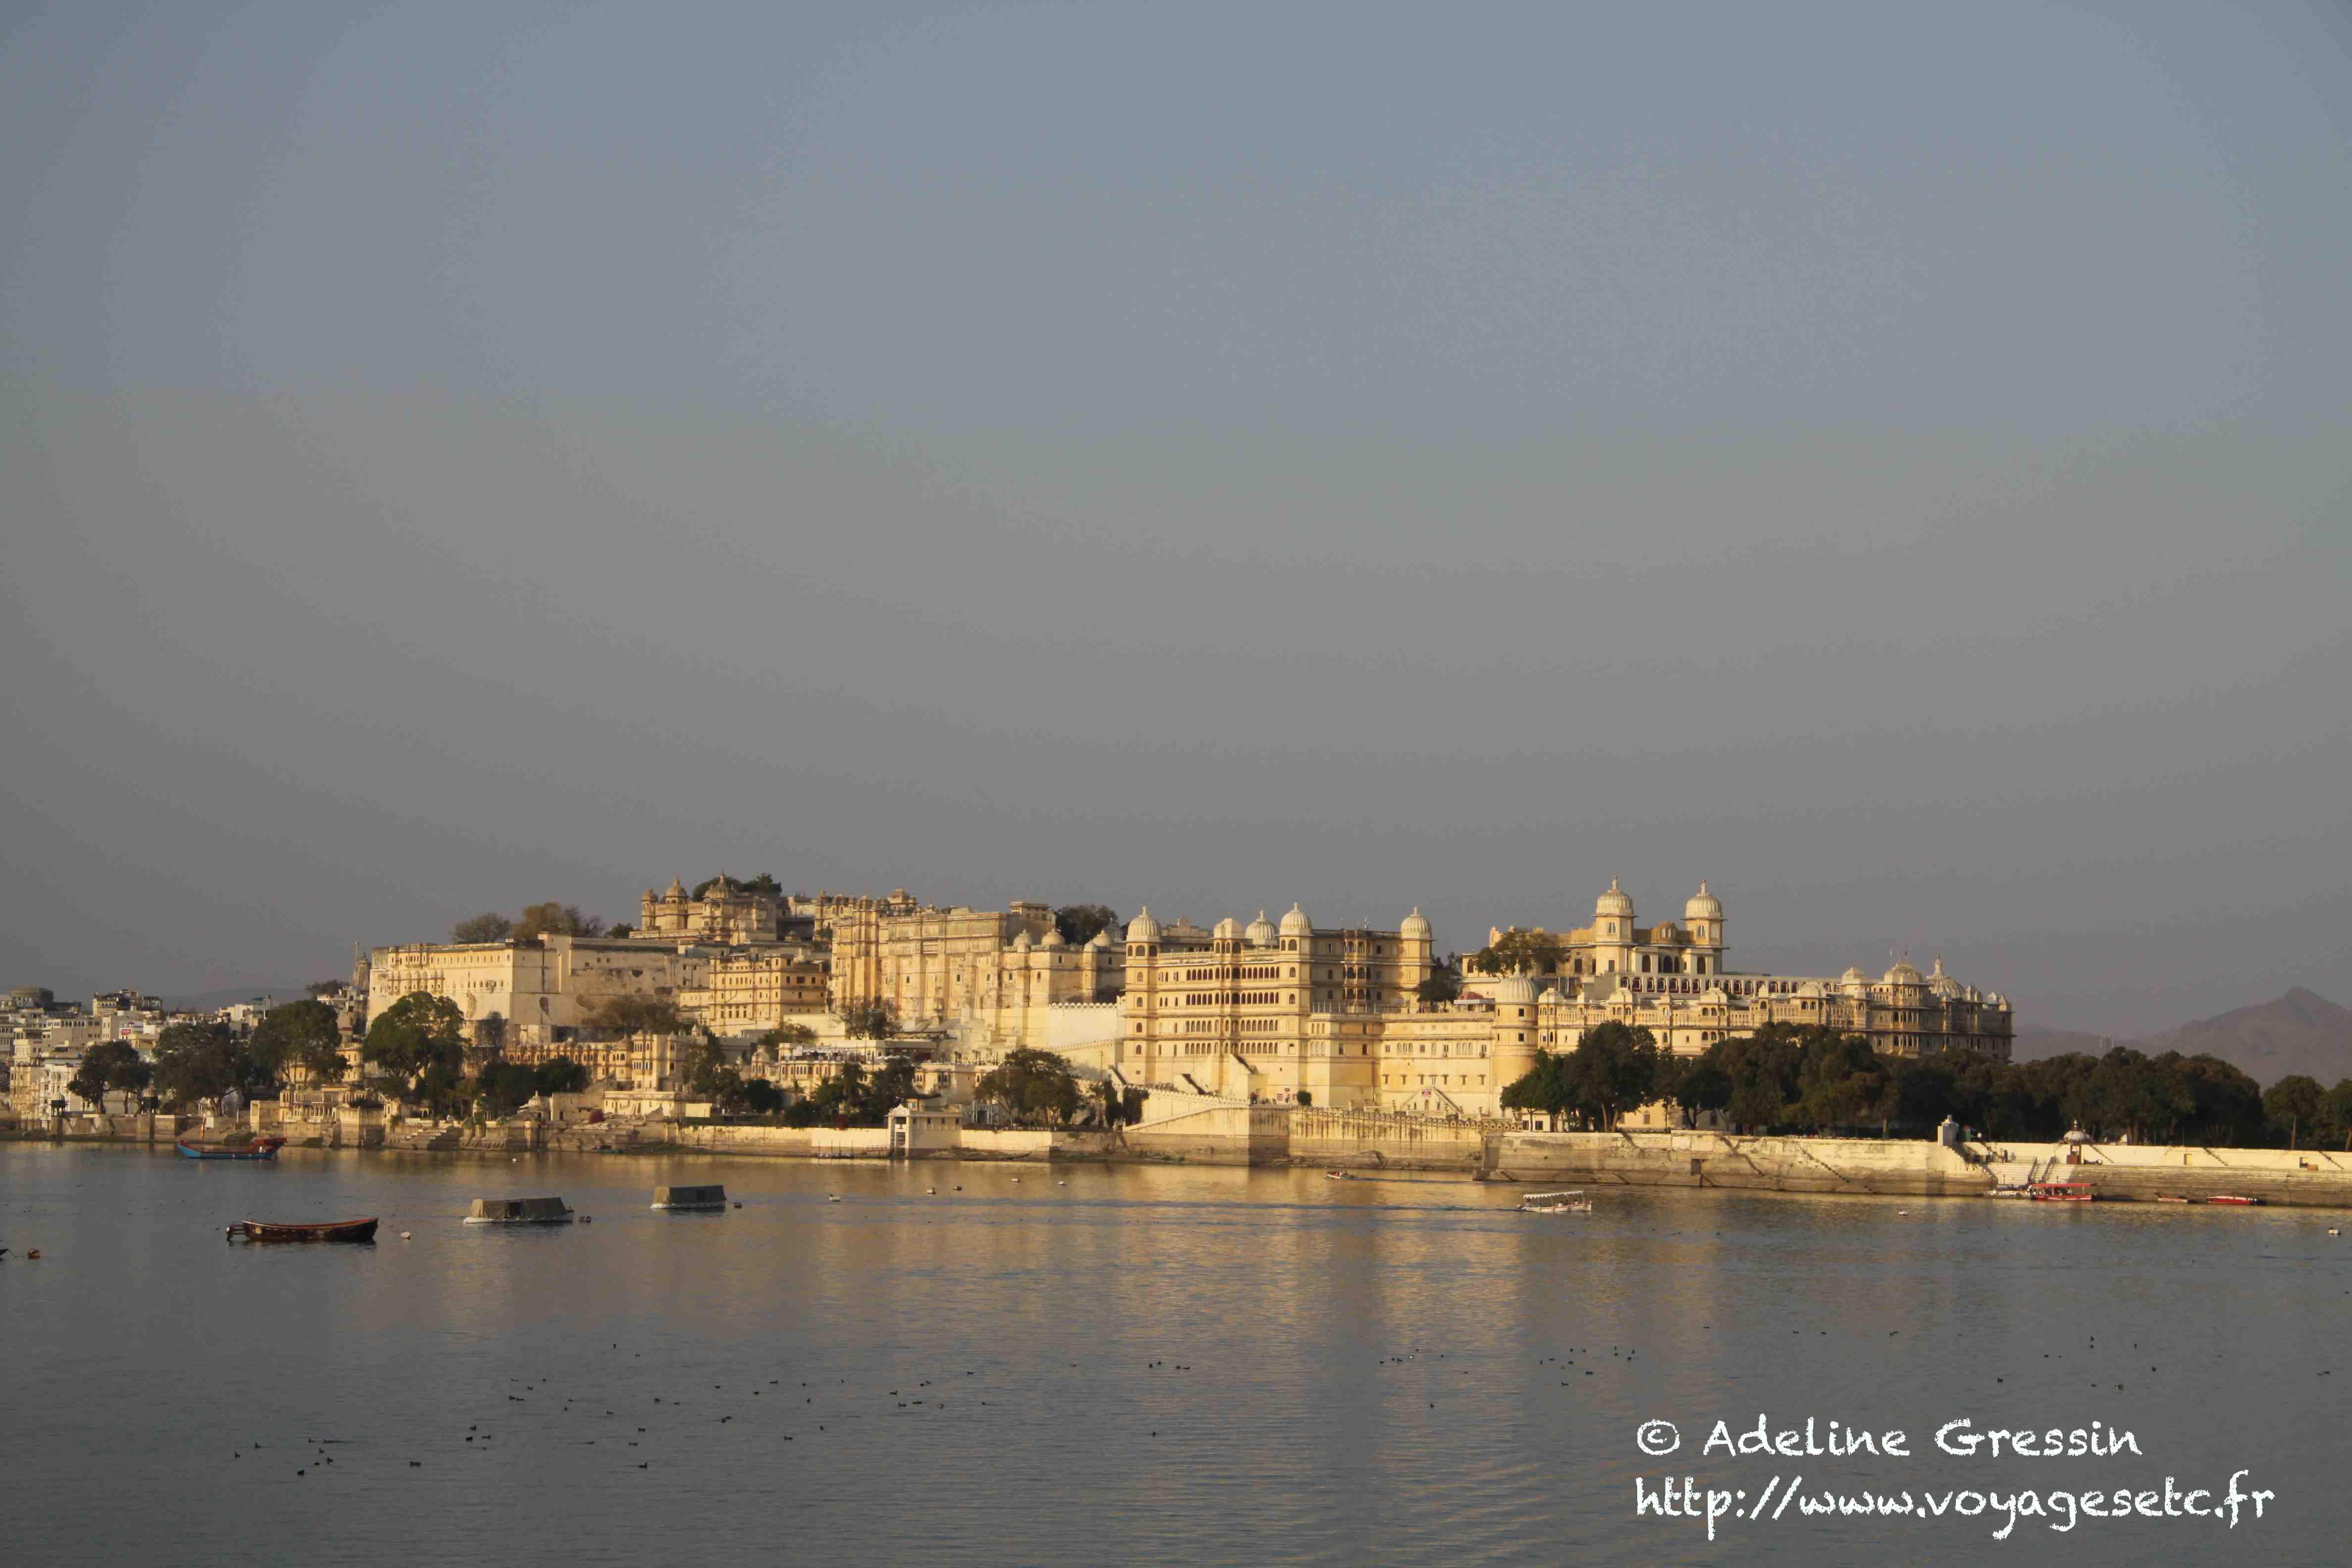 Villes au monde où il fait bon flâner - Udaipur Vue du lac 2